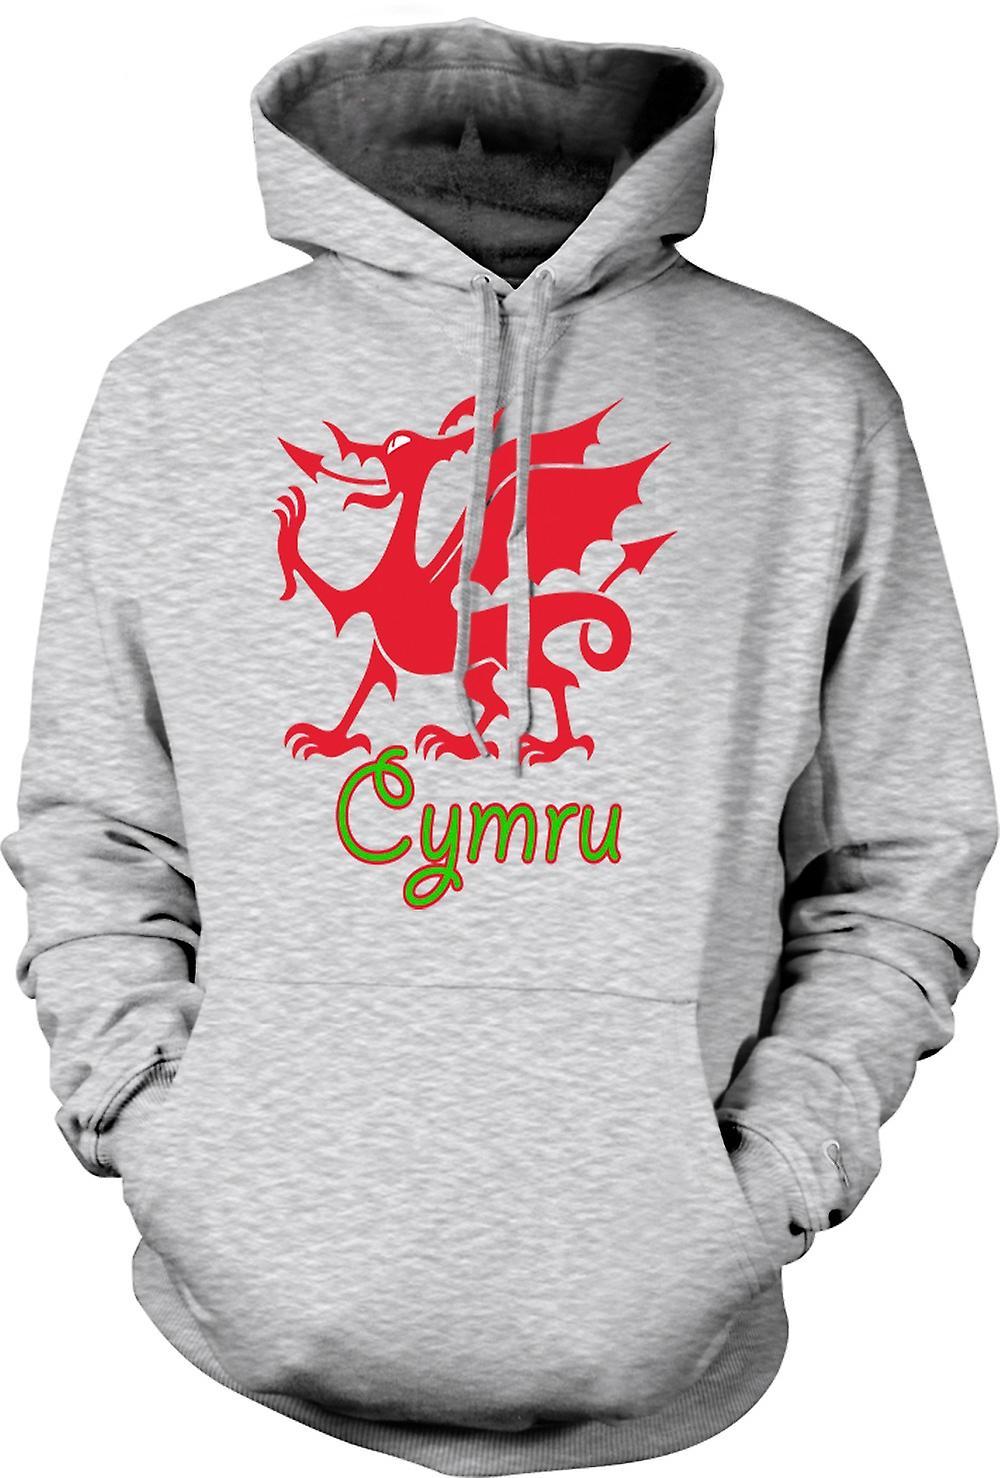 Para hombre con capucha - Dragon Gales - Cymru